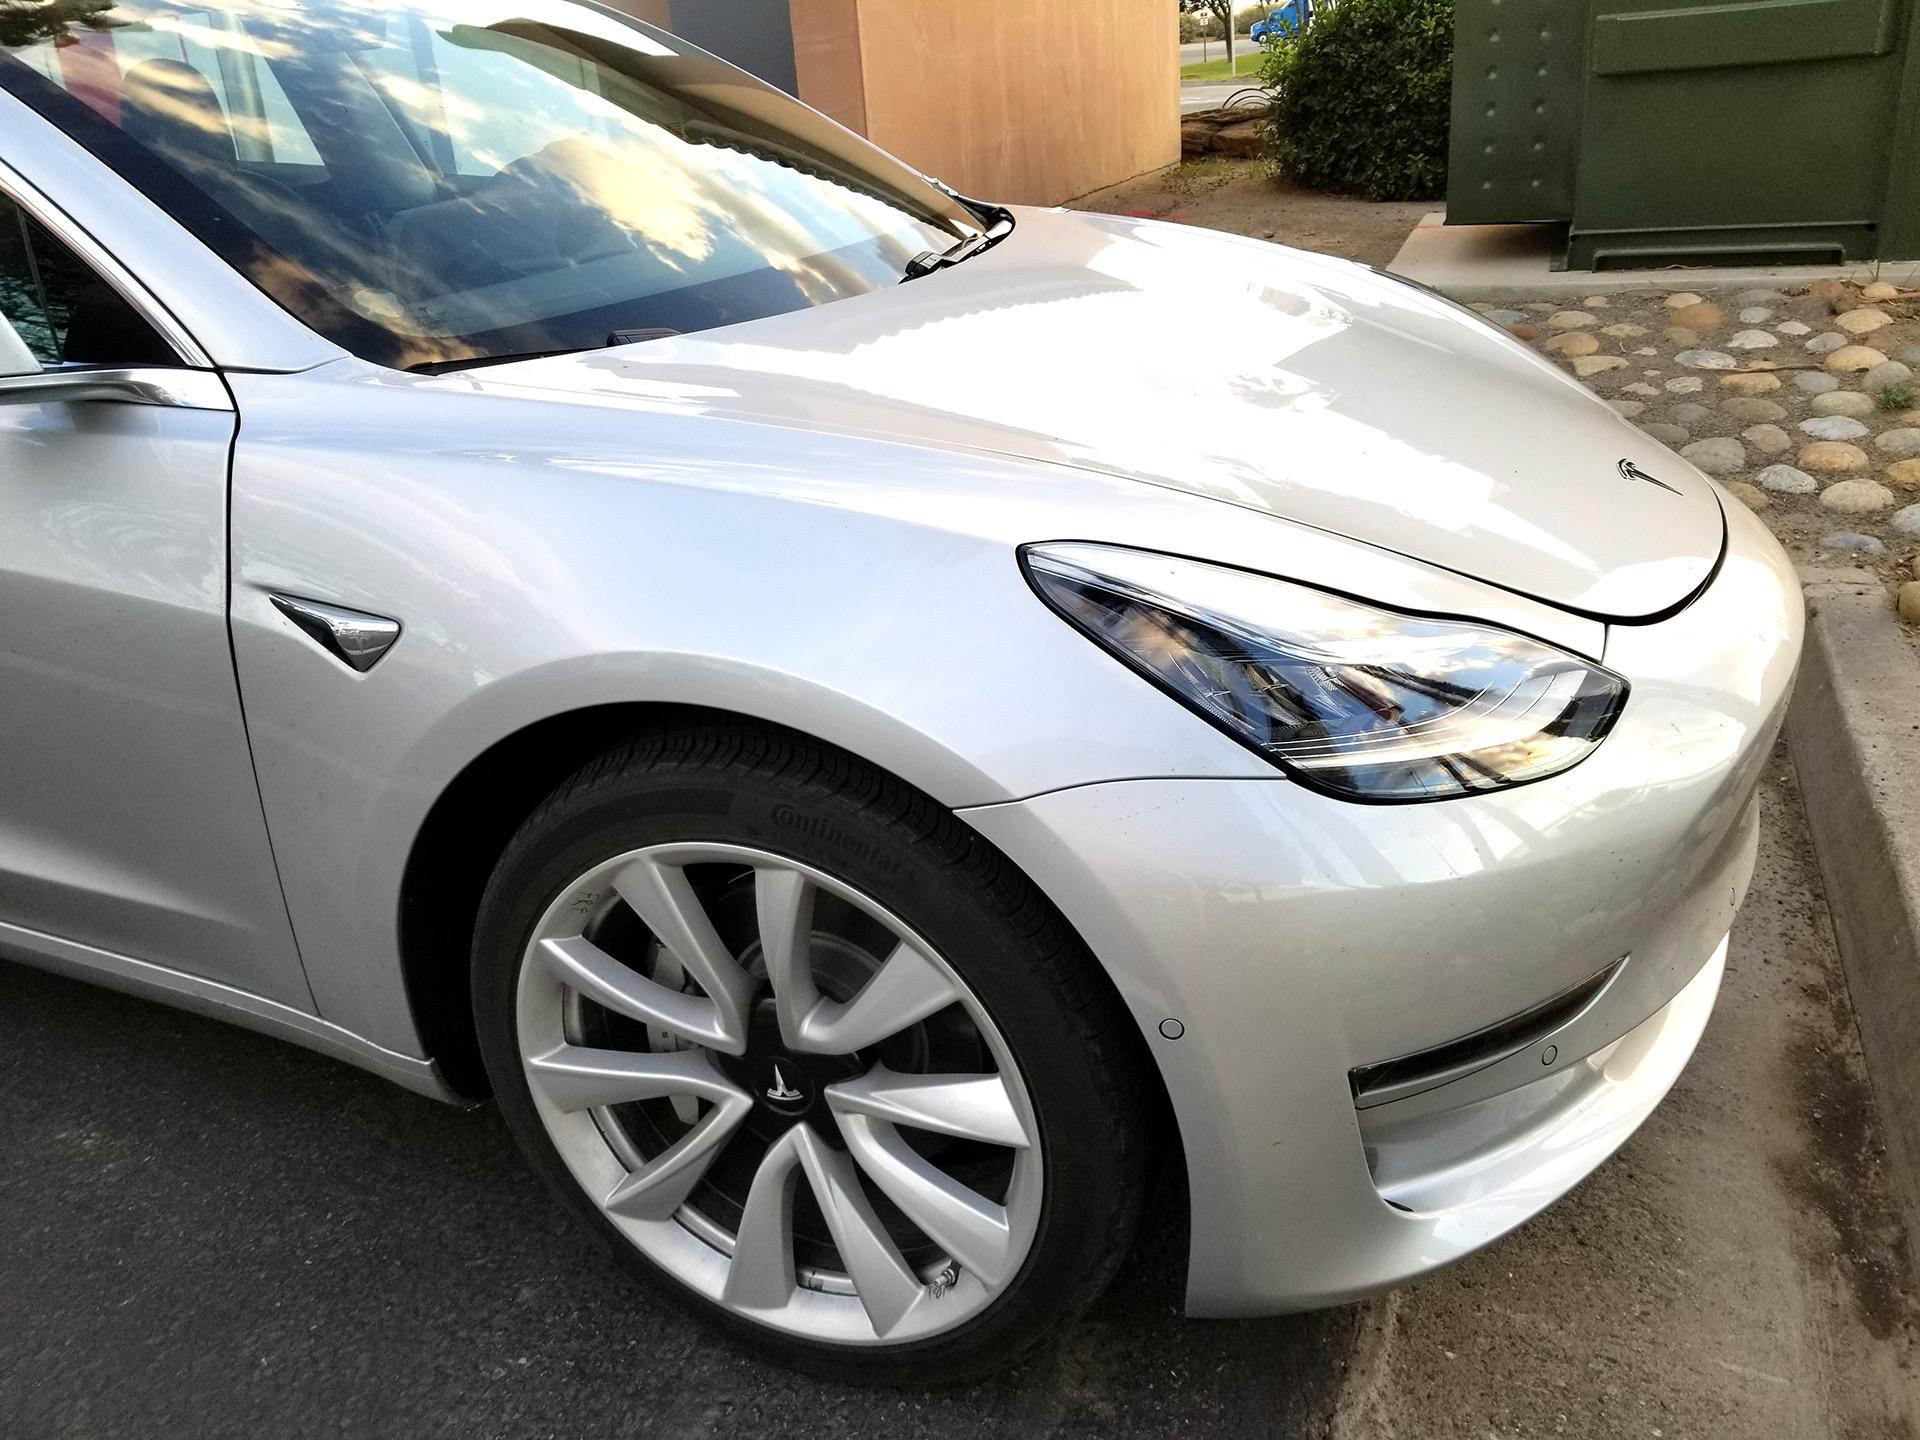 Tesla Model 3 Wheel covers? : teslamotors